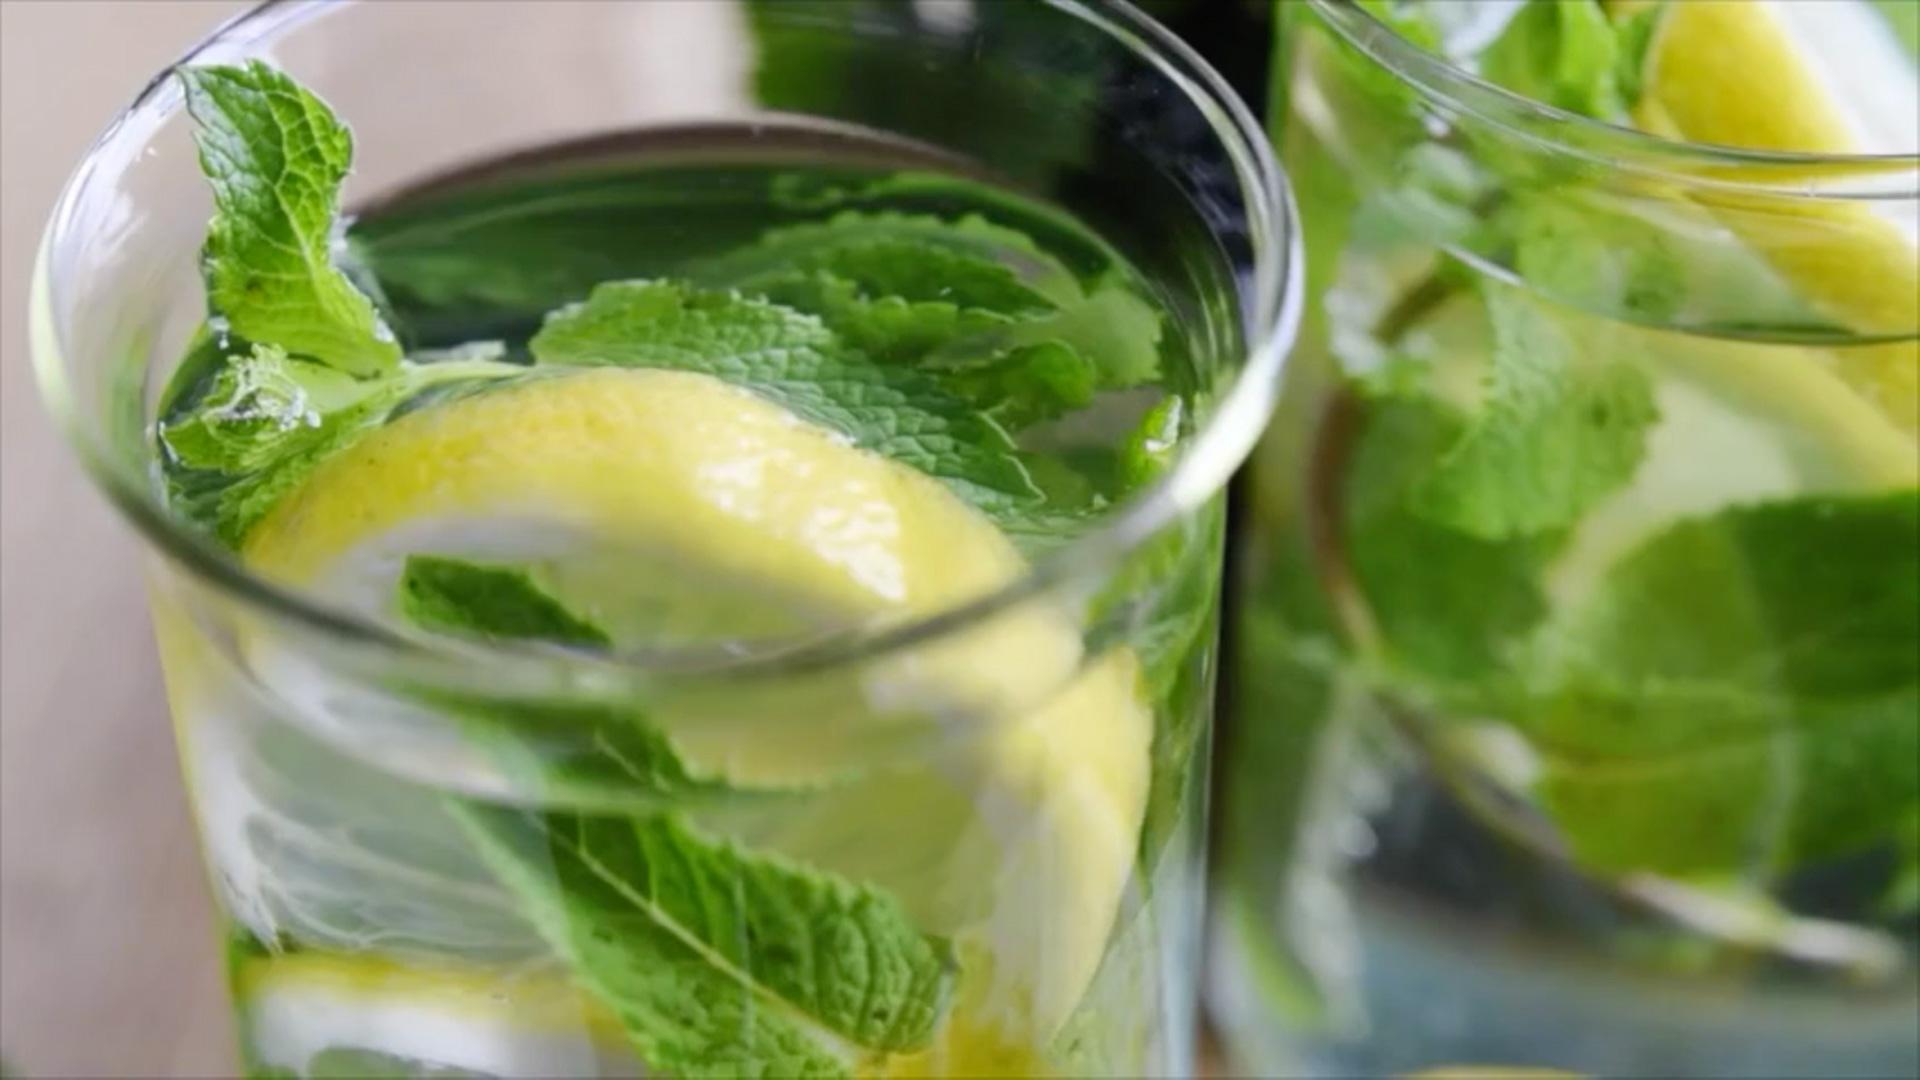 Aperitivo è la linea di detergenti professionali le cui fragranze detergono ogni superficie donando profumo tipico dei cocktail e long drink da happy hour